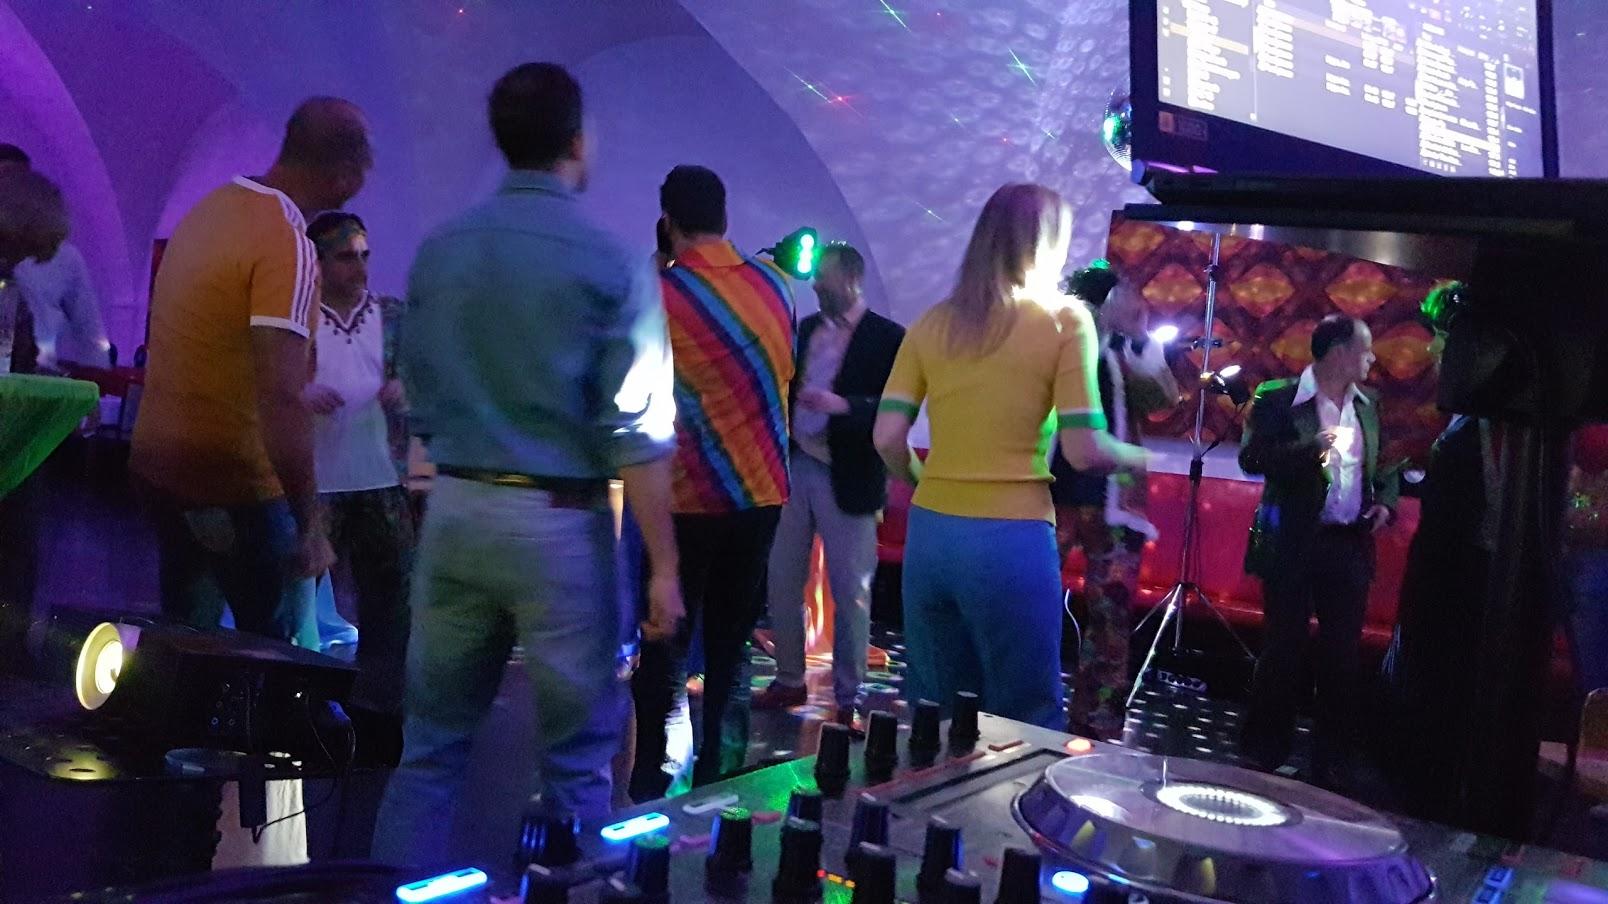 Platzsparende aber hochwertigste Licht & Laser Effekte